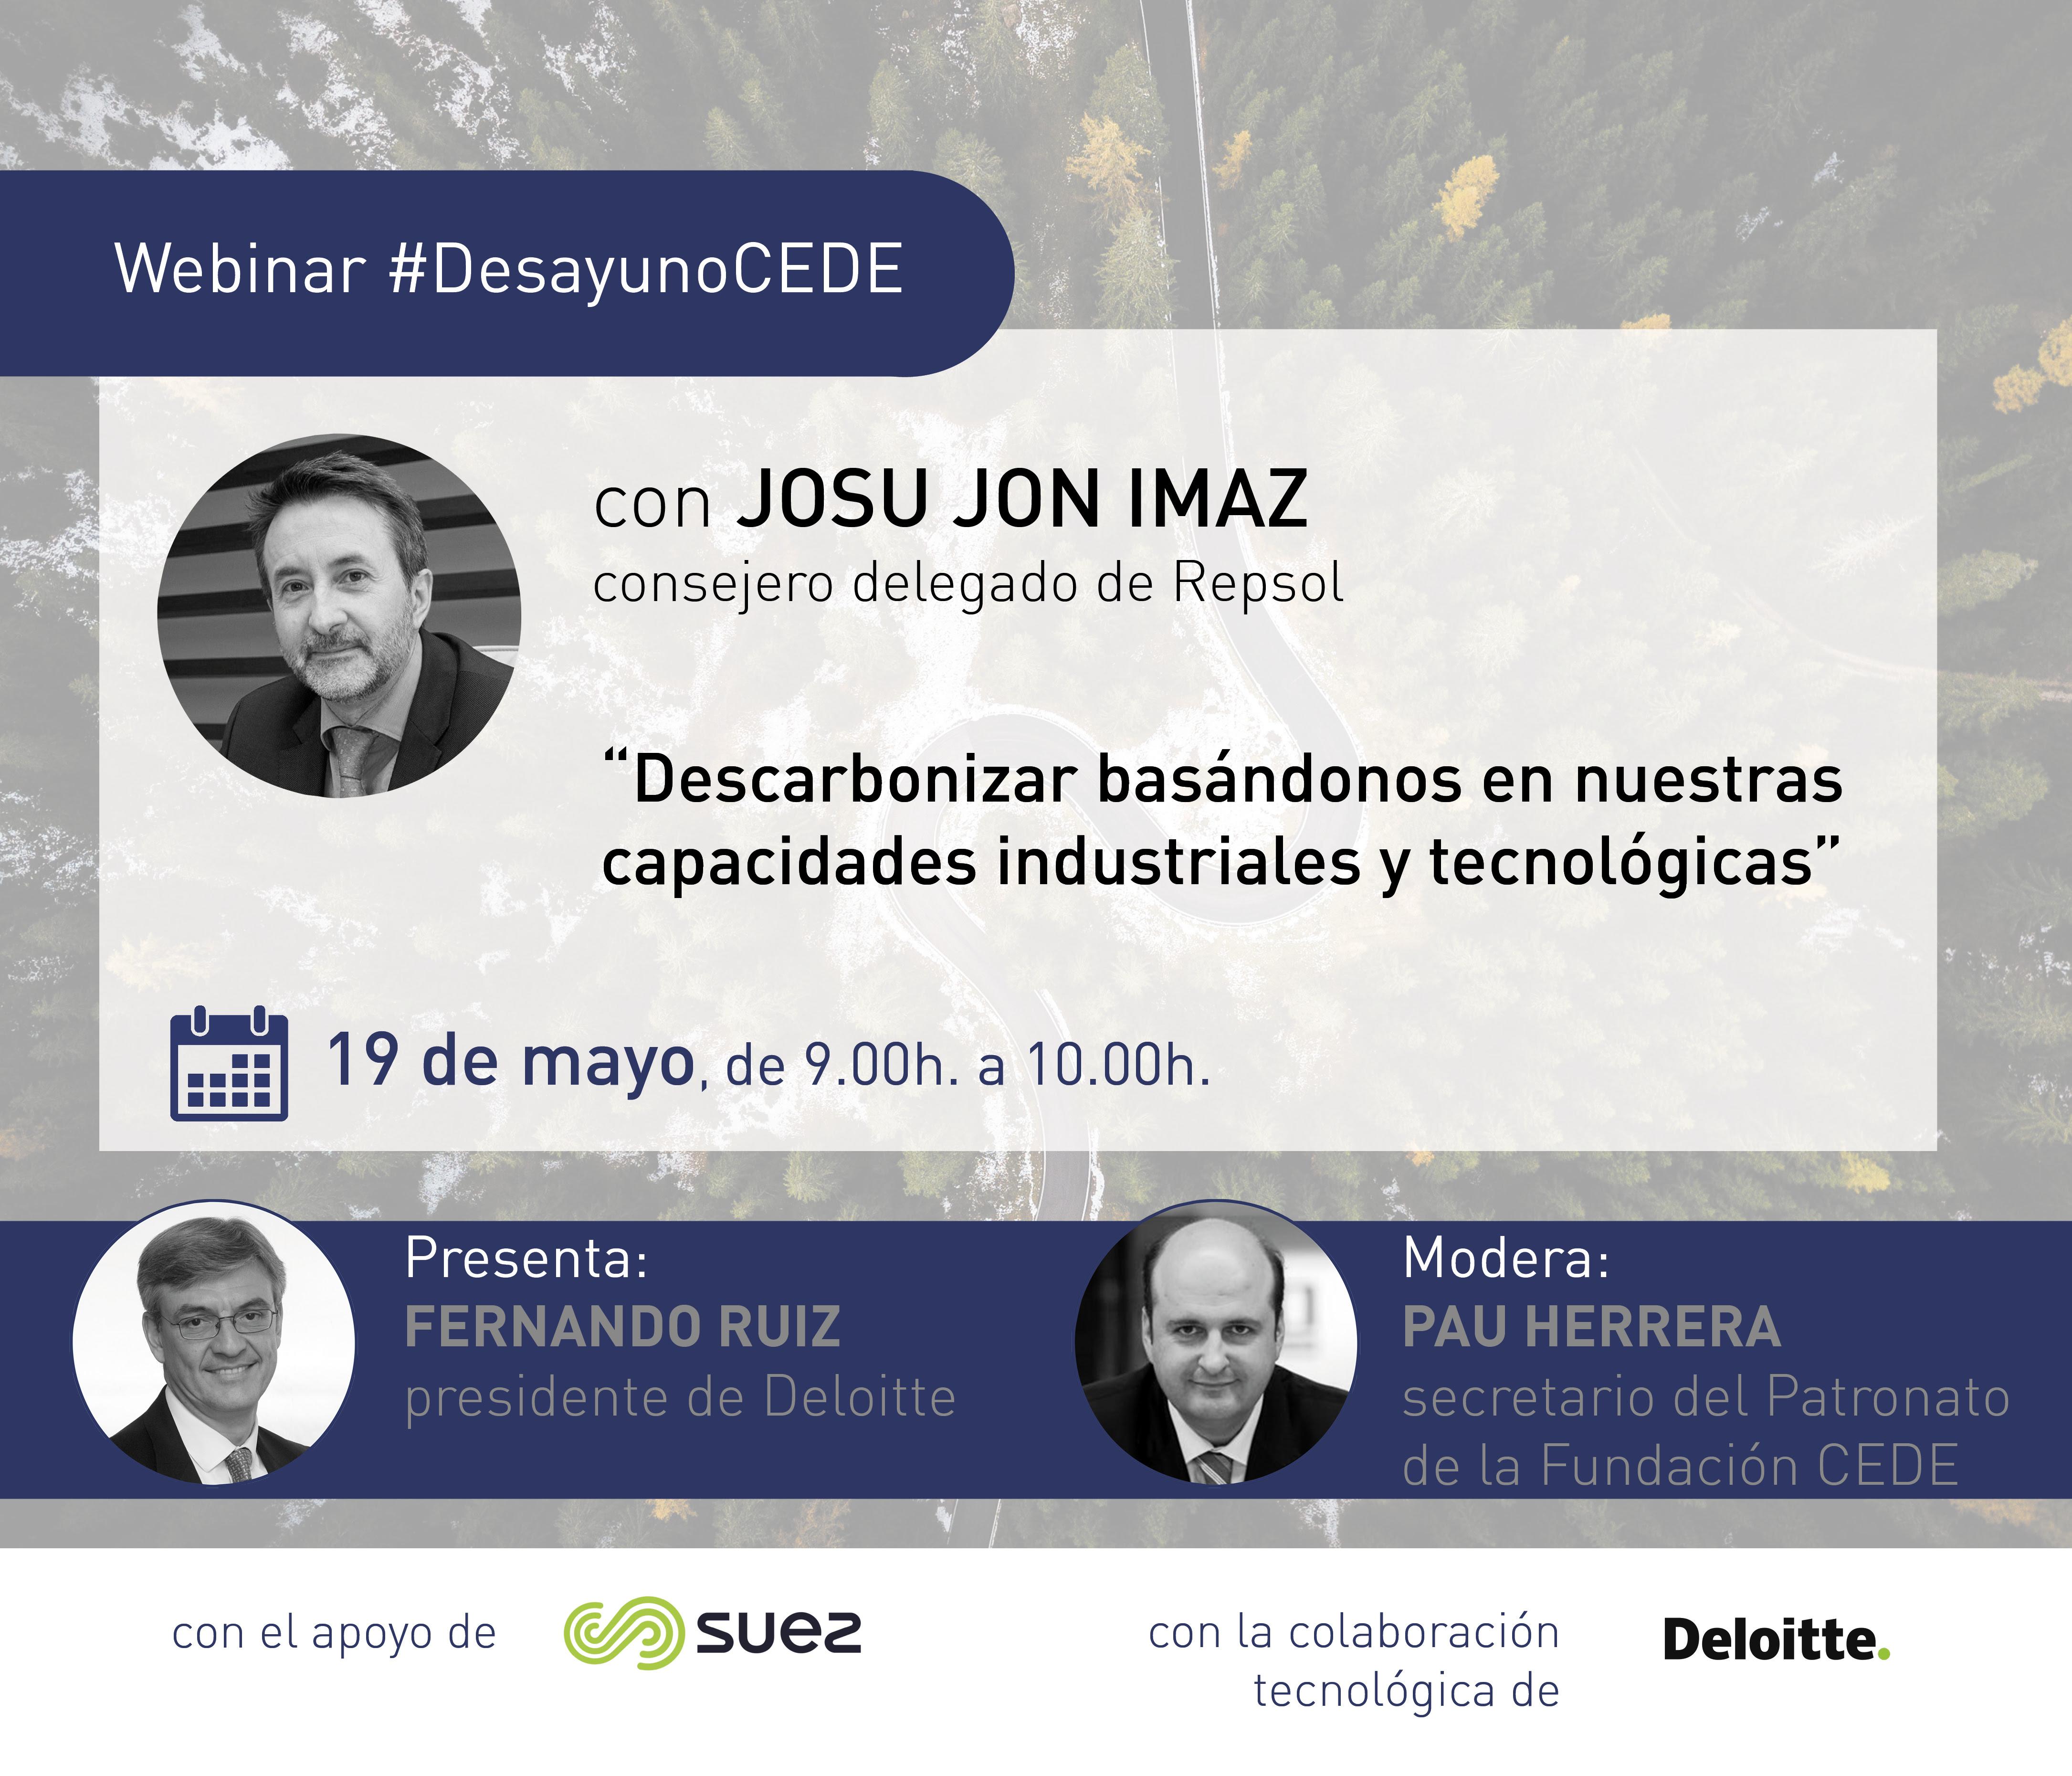 """Desayuno CEDE con Josu Jon Imaz: """"Descarbonizar basándonos en nuestras capacidades industriales y tecnológicas"""""""